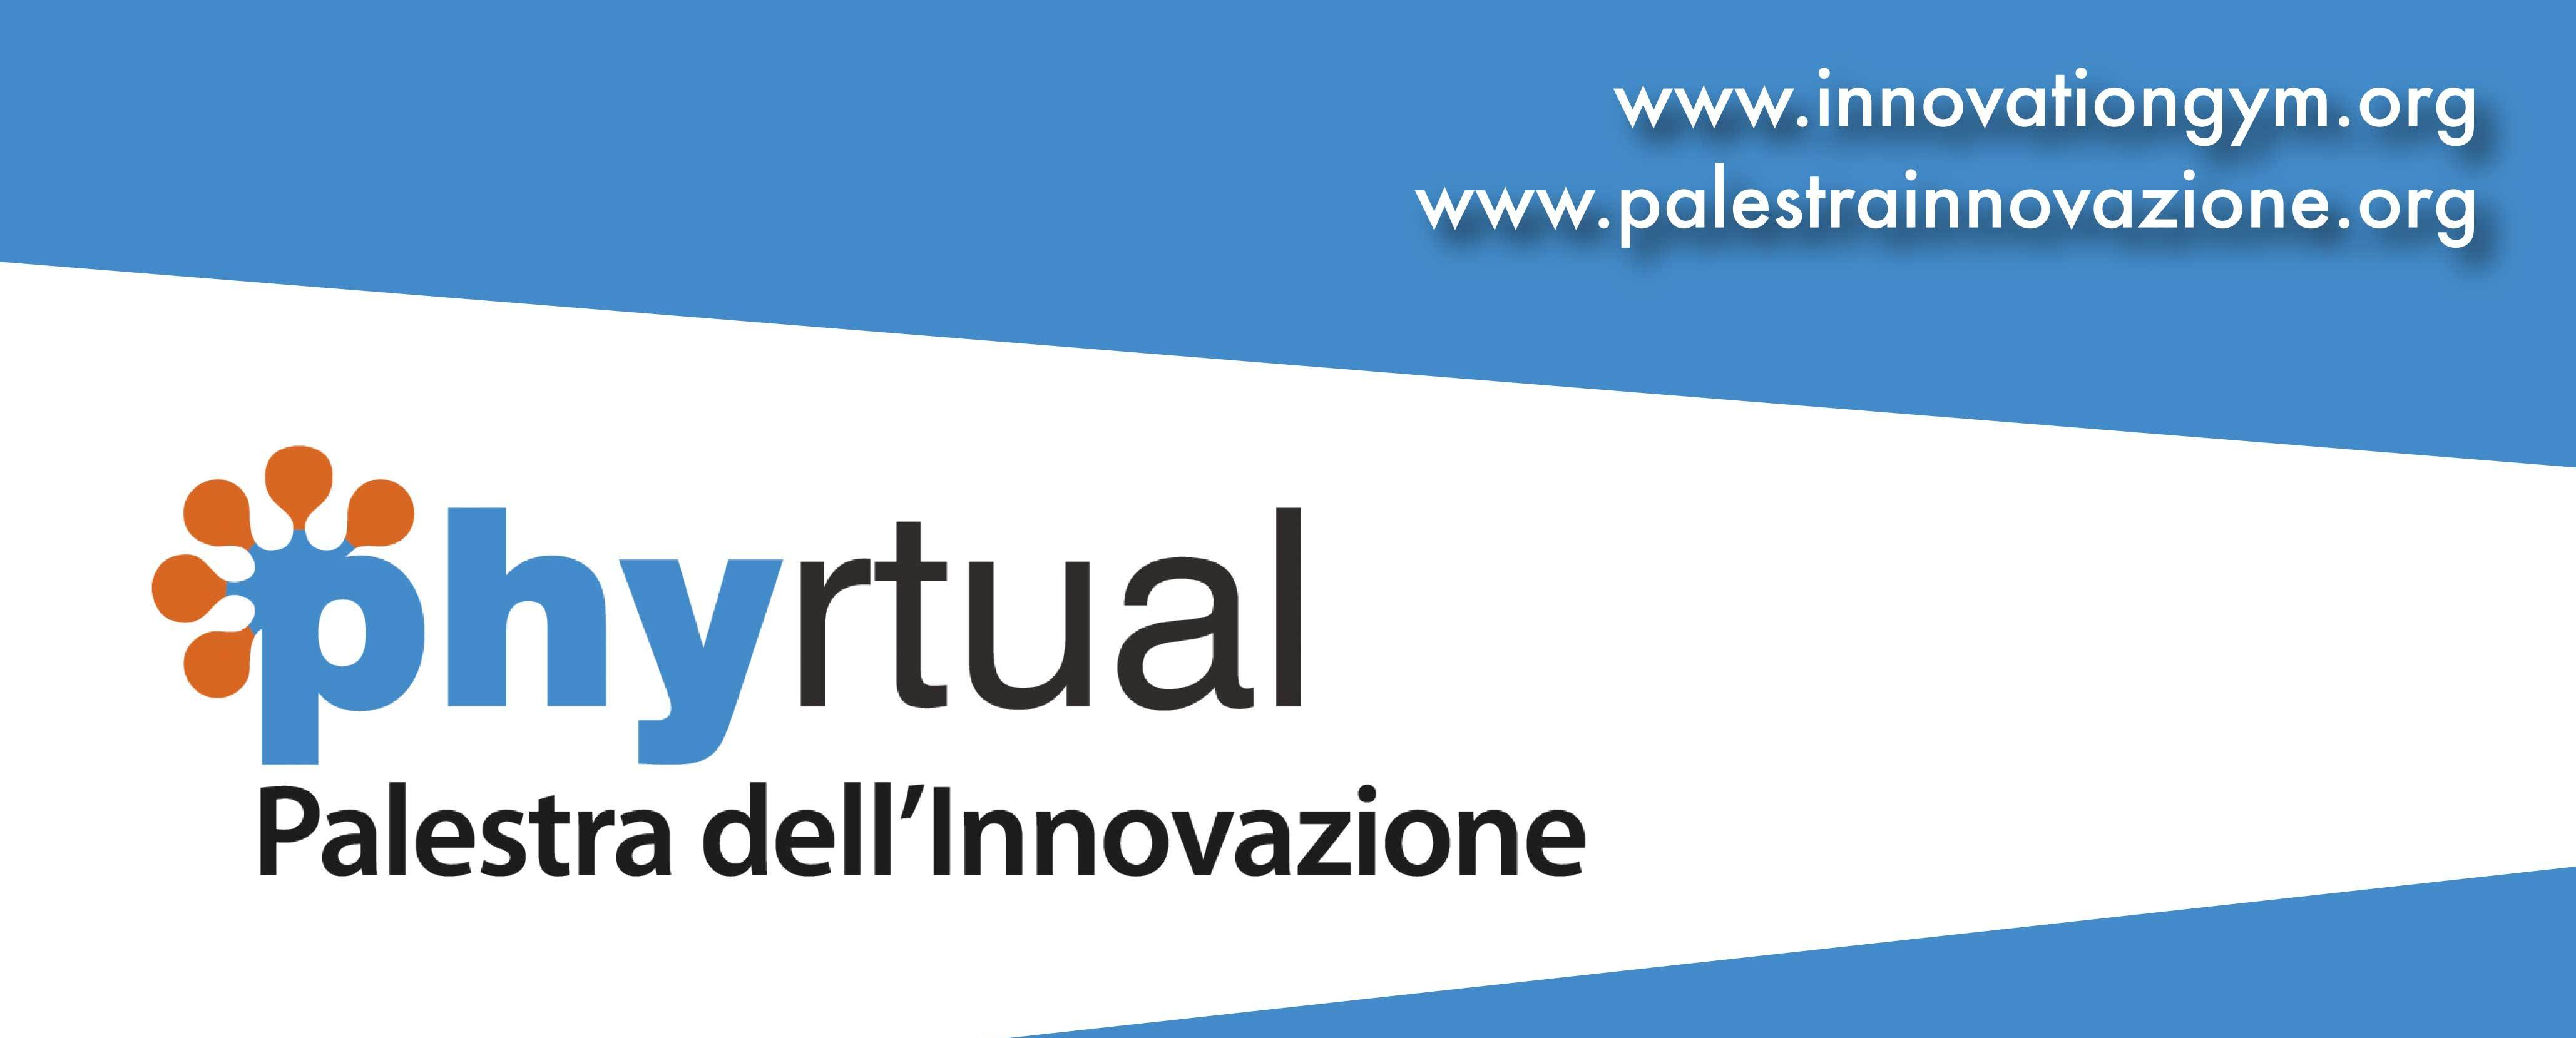 La tecnologia condivisa che produce innovazione sociale.